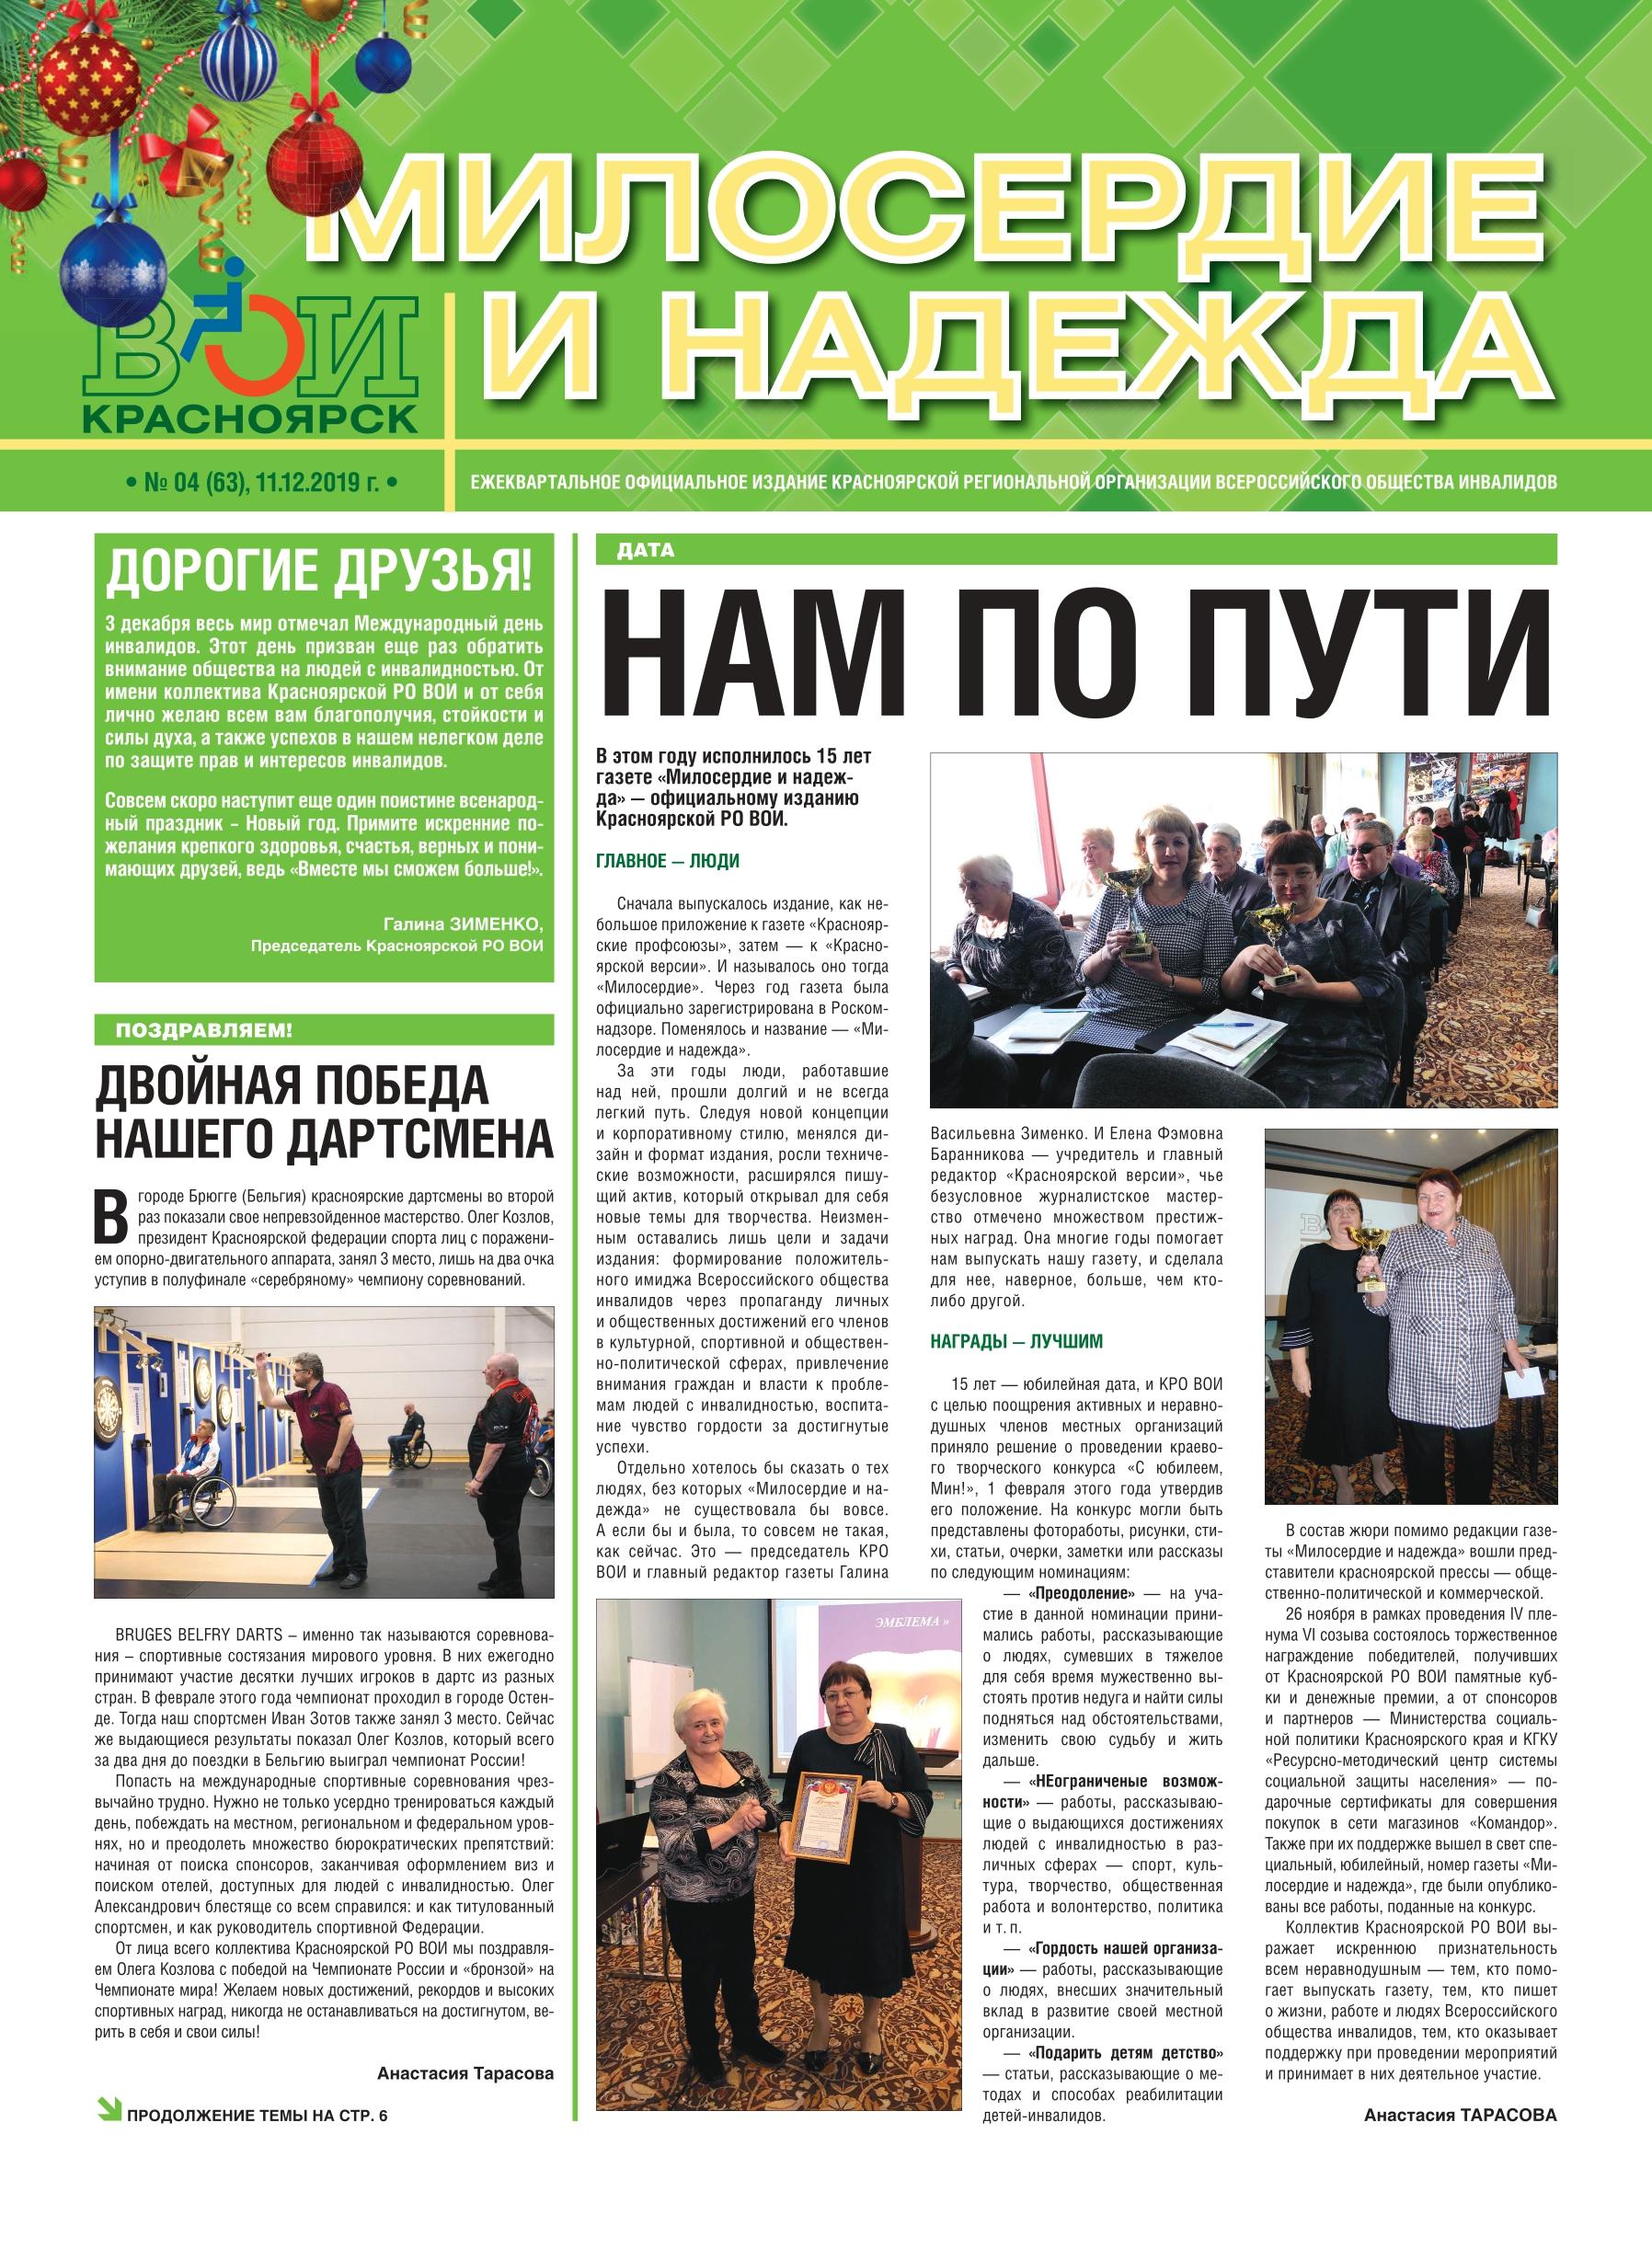 Газета «Милосердие и надежда», выпуск №63